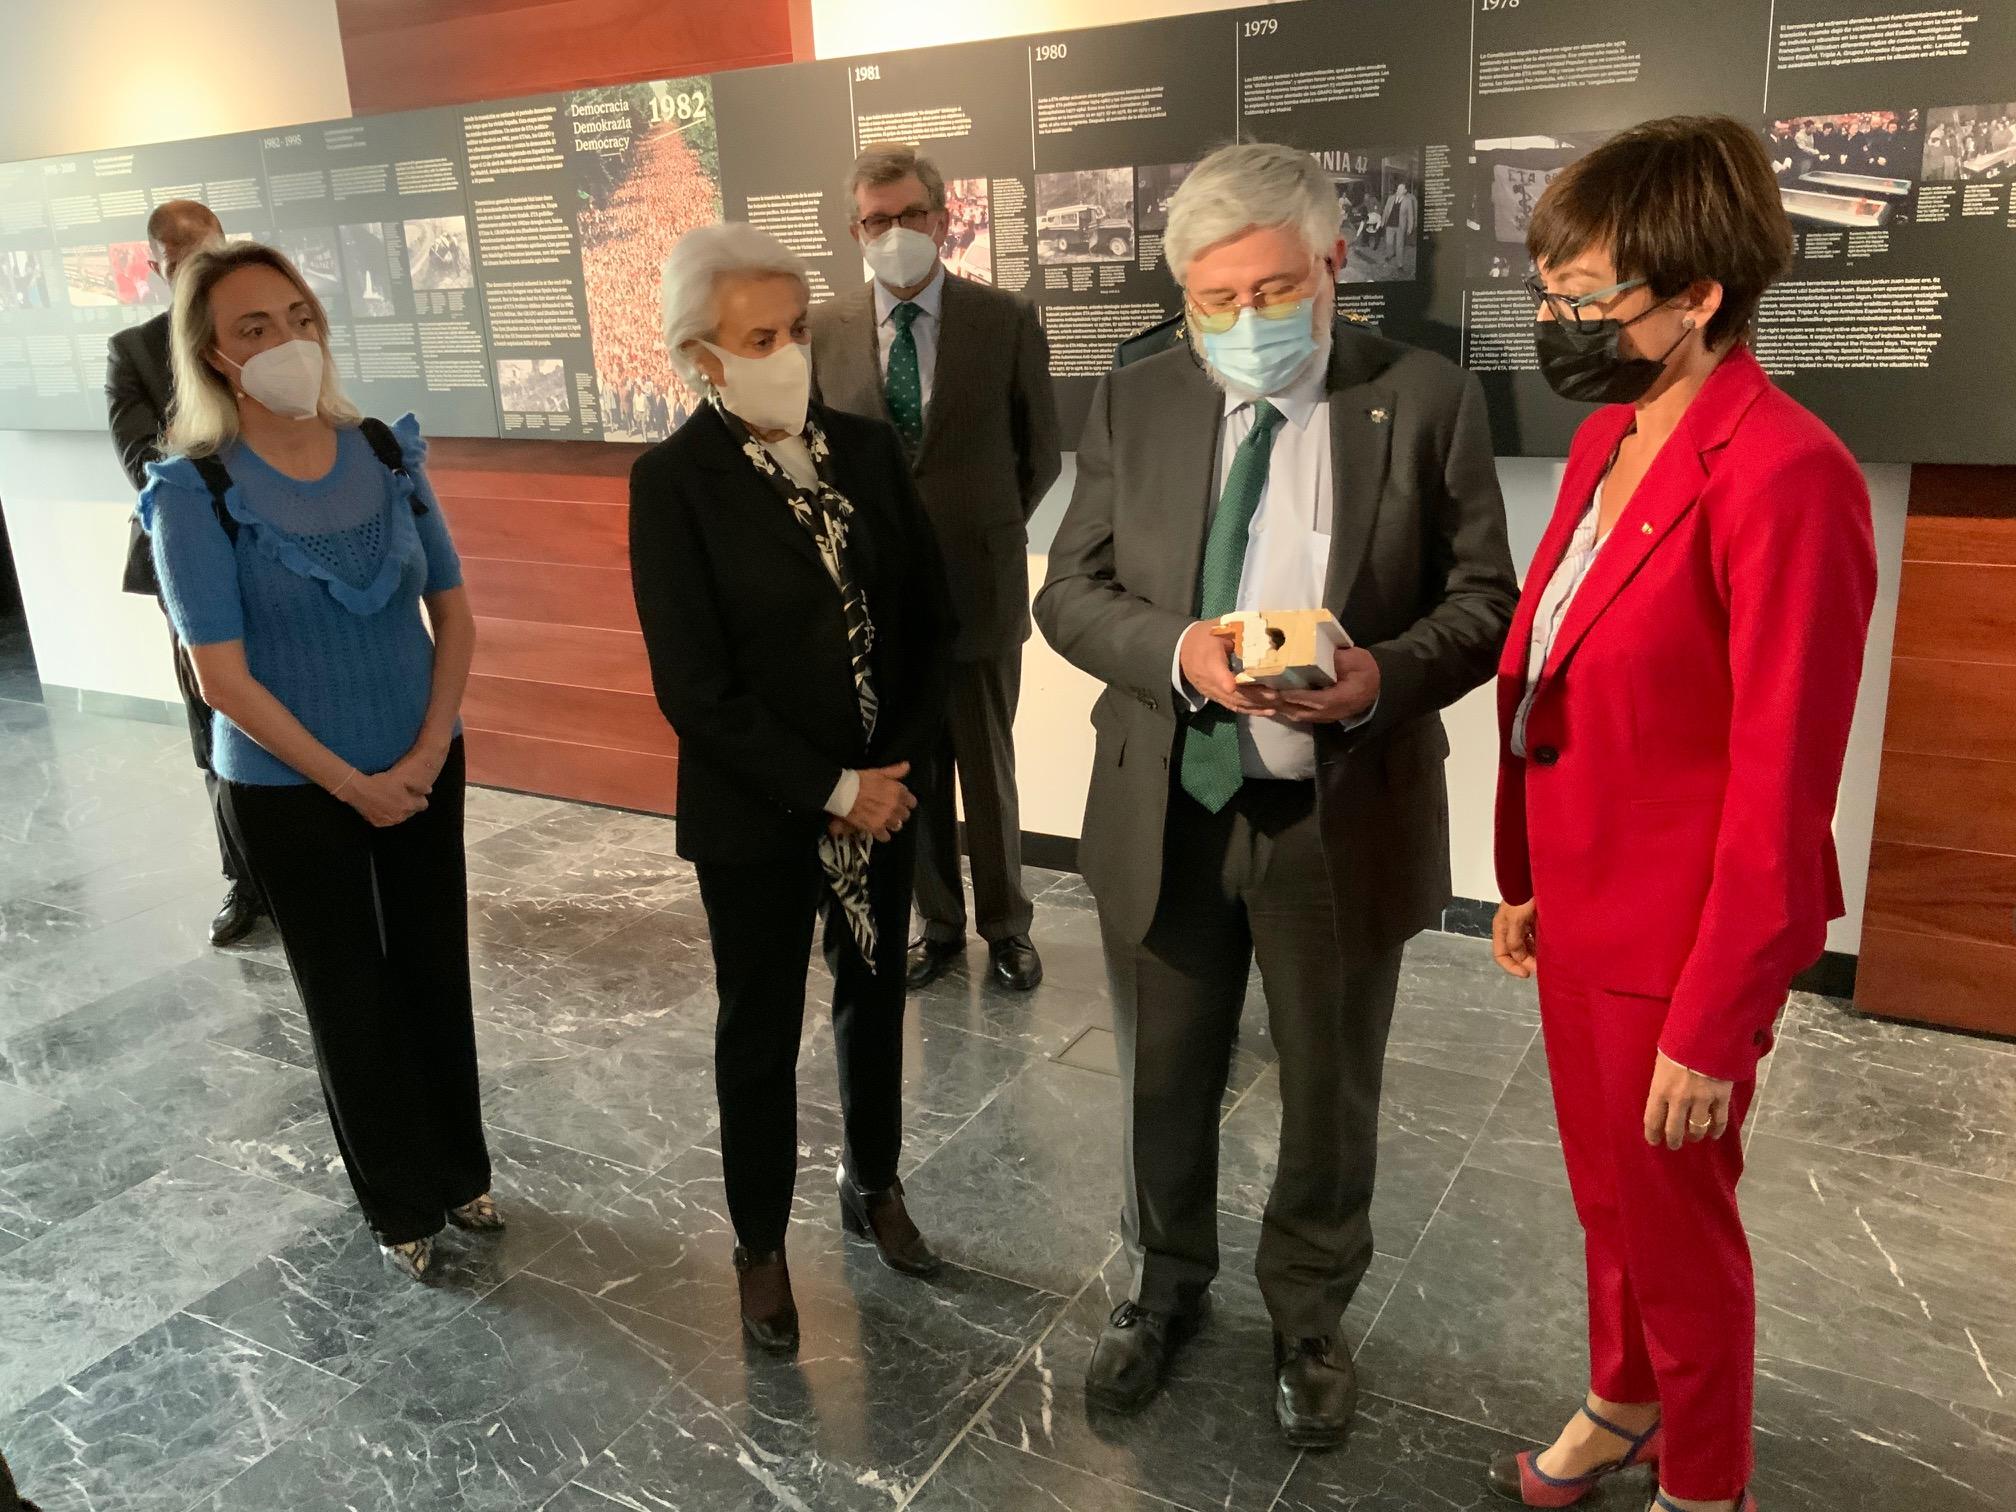 La Directora De La Guardia Civil Entrega Al Memorial Parte De La Jamba Del Armario-zulo Del Secuestro De Publio Cordón